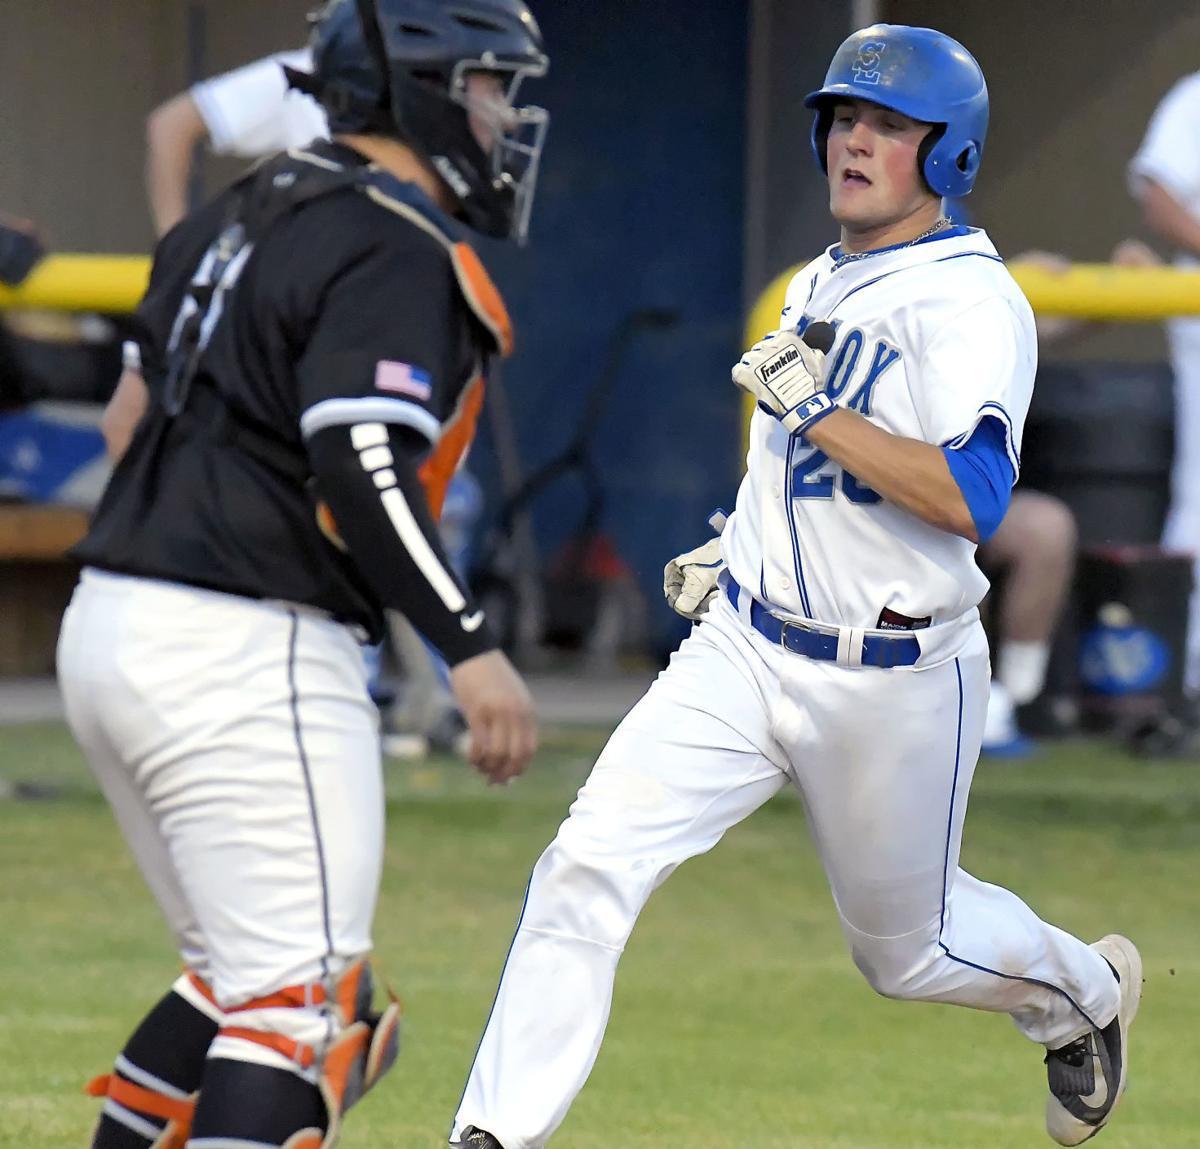 blue sox royals baseball MAIN